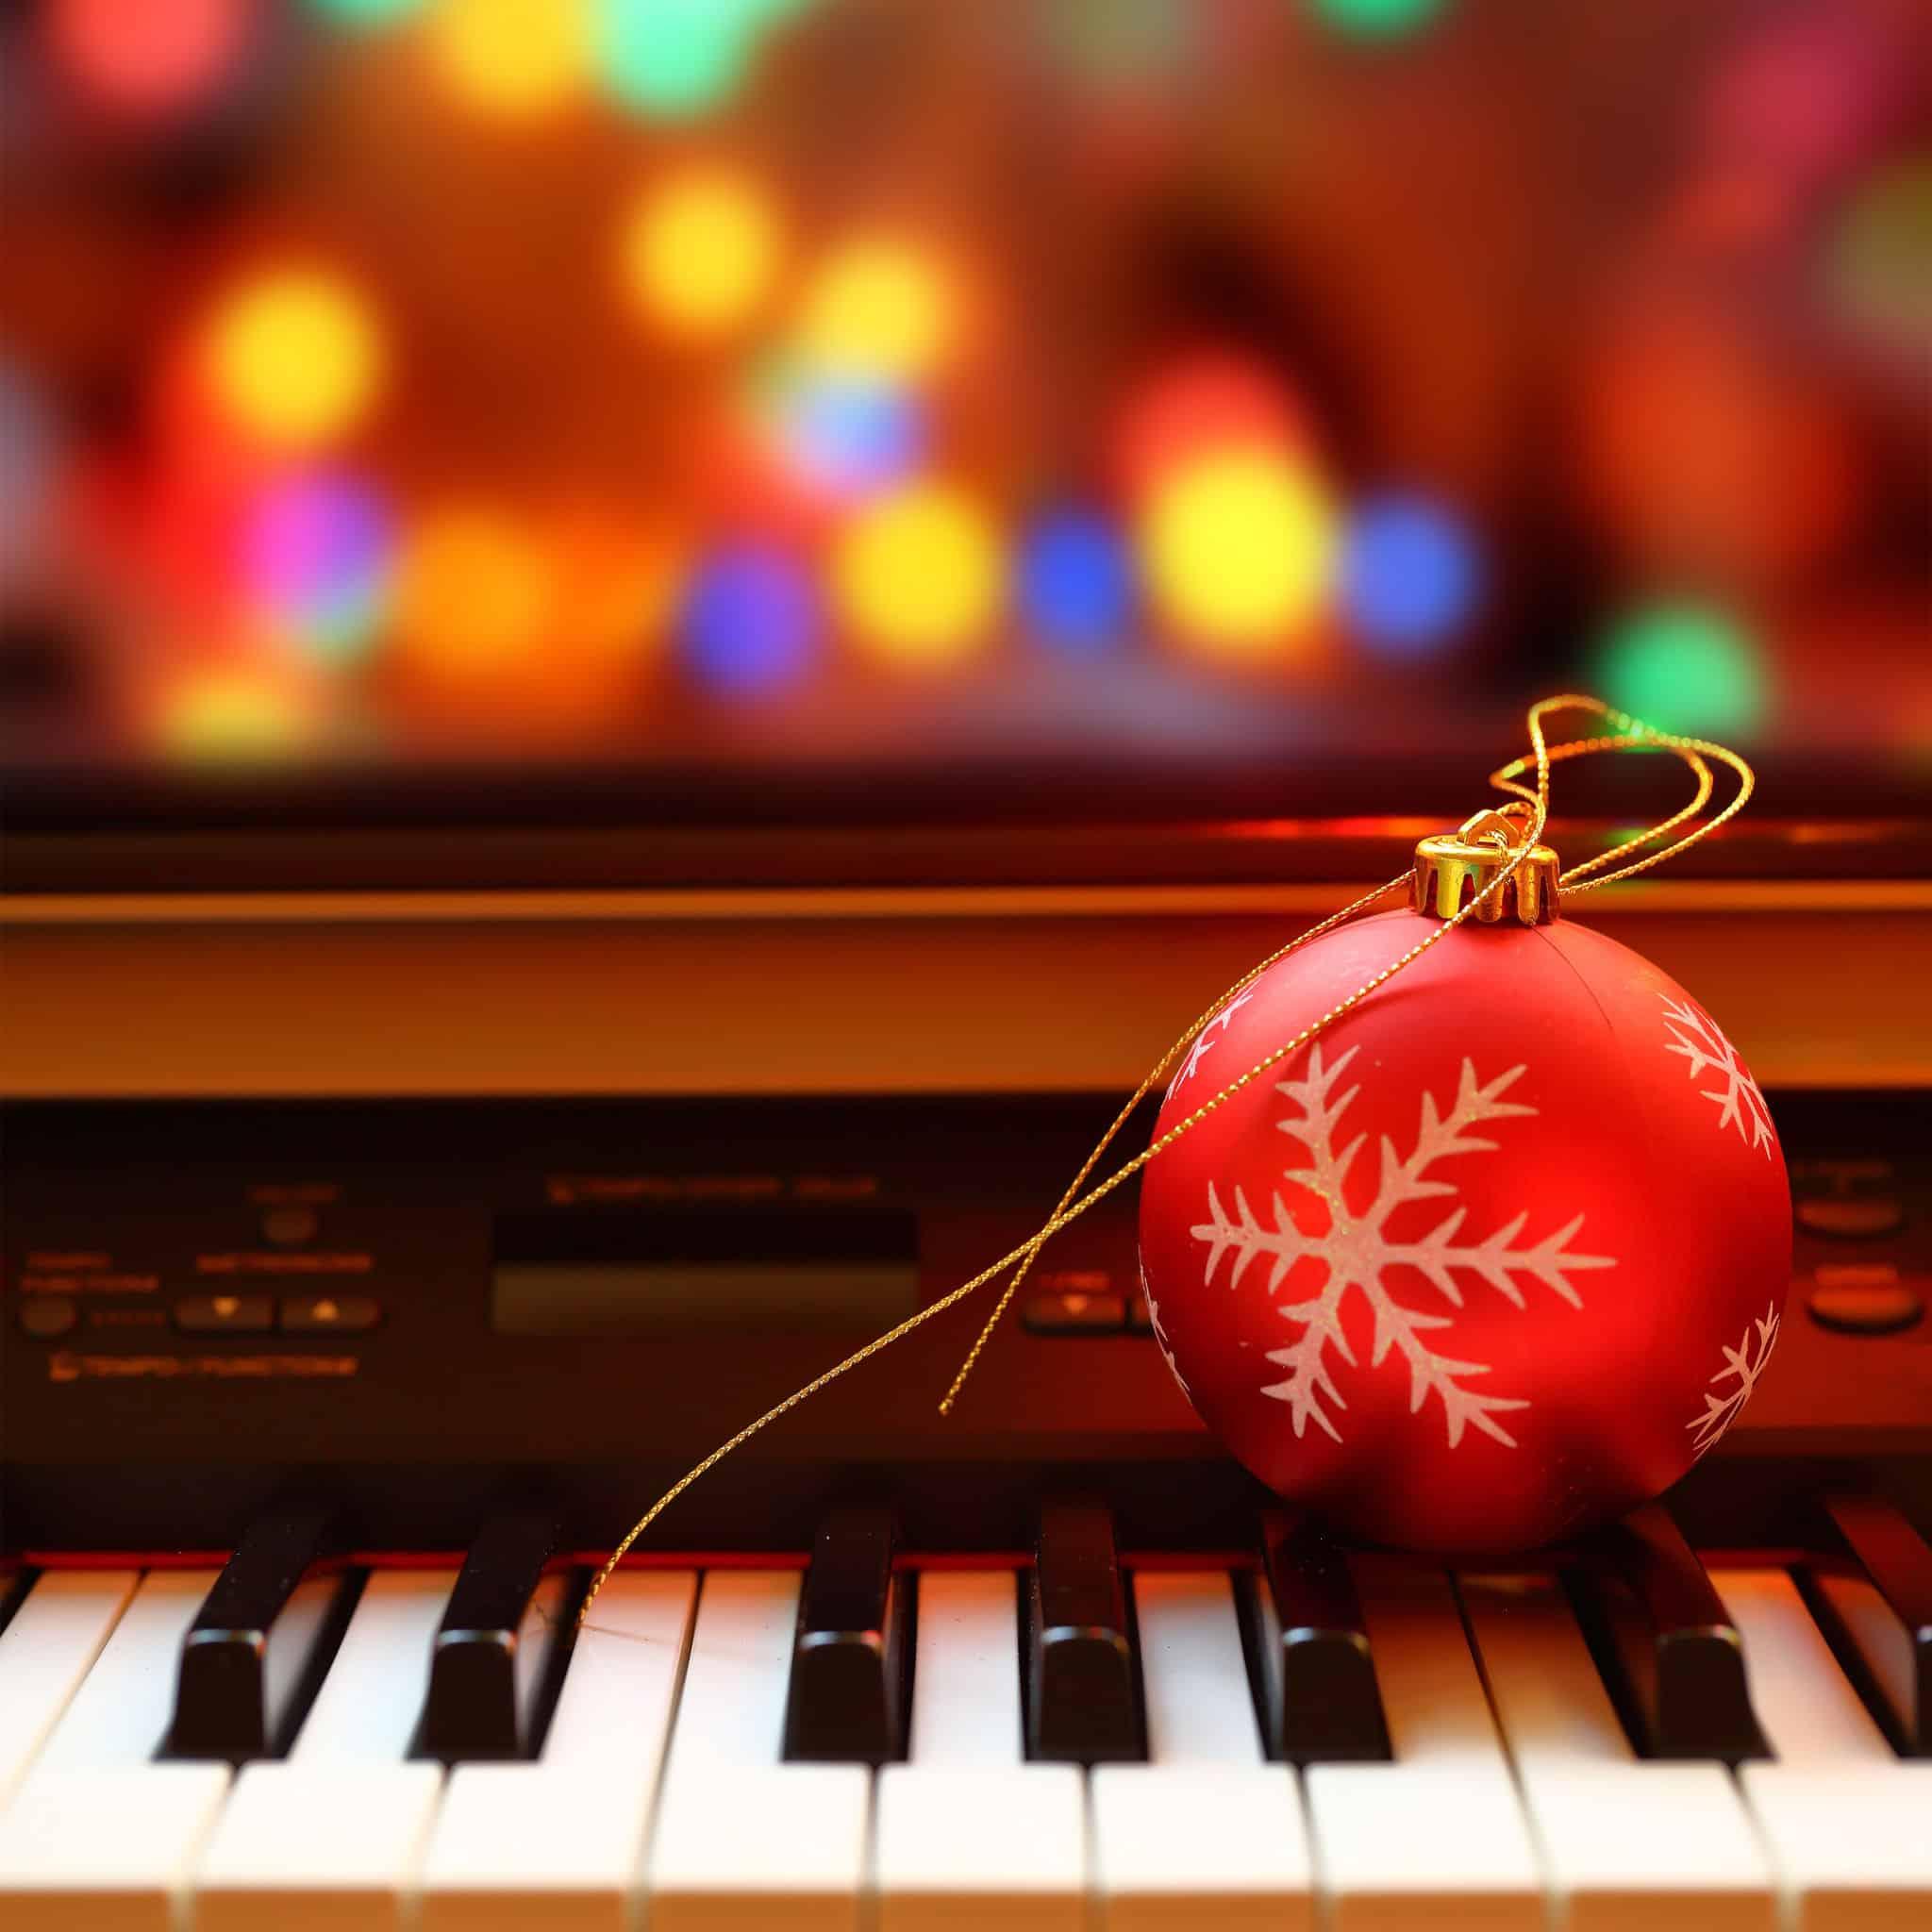 33267778 - christmas ball on piano keys